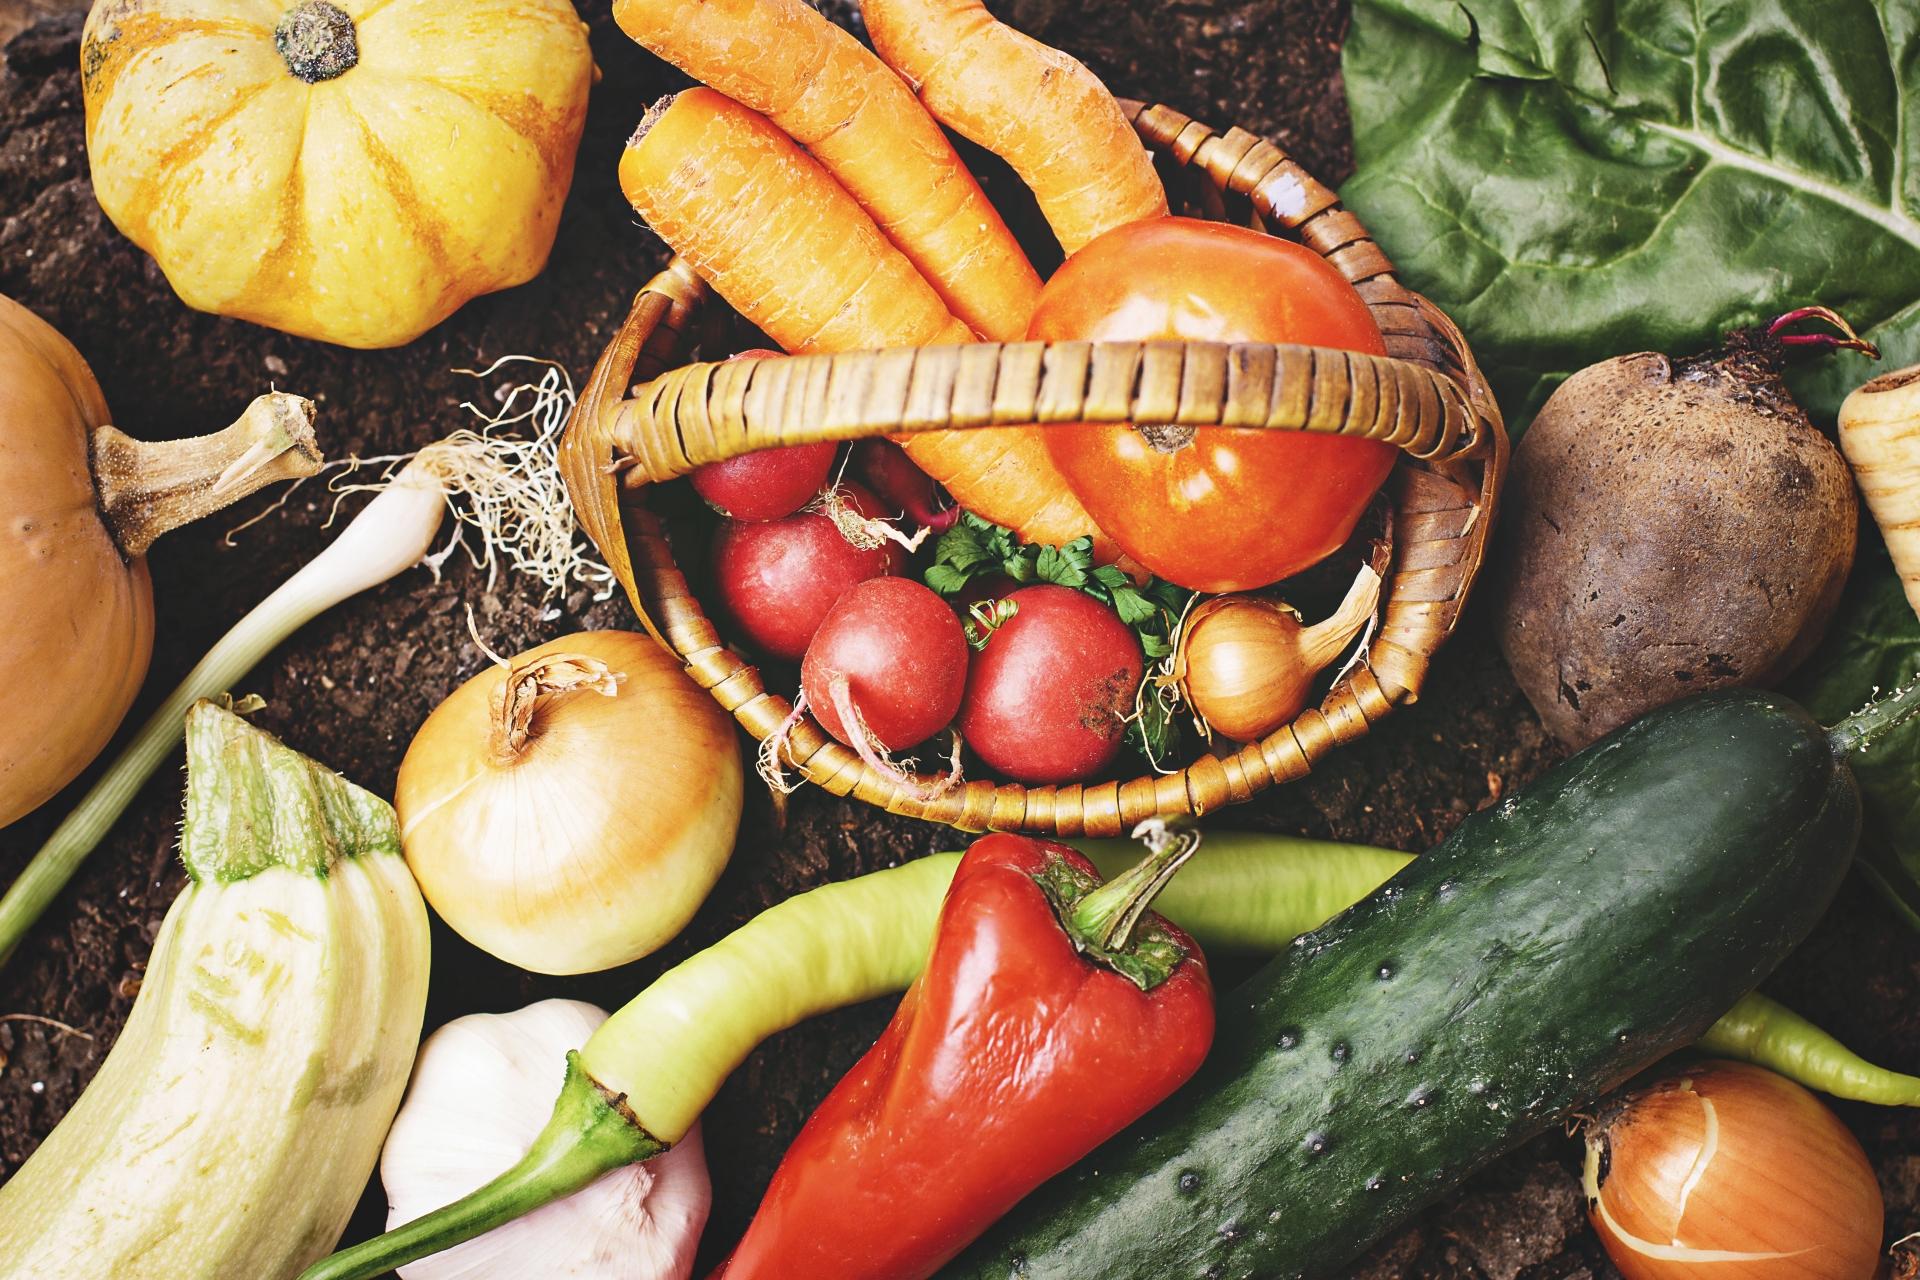 食べ物 ホルモン バランス 整える